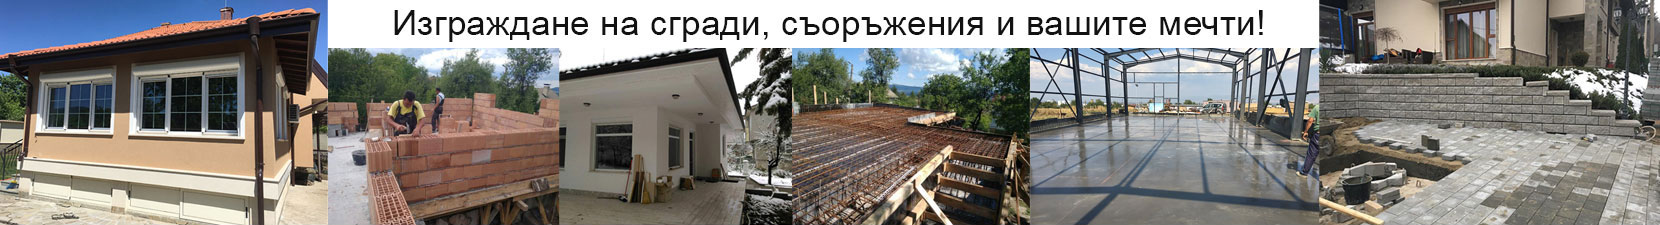 Фючър Билд Груп - Строителство на сгради, къщи, промишлени помещения. Ремонти. Проектиране сгради.